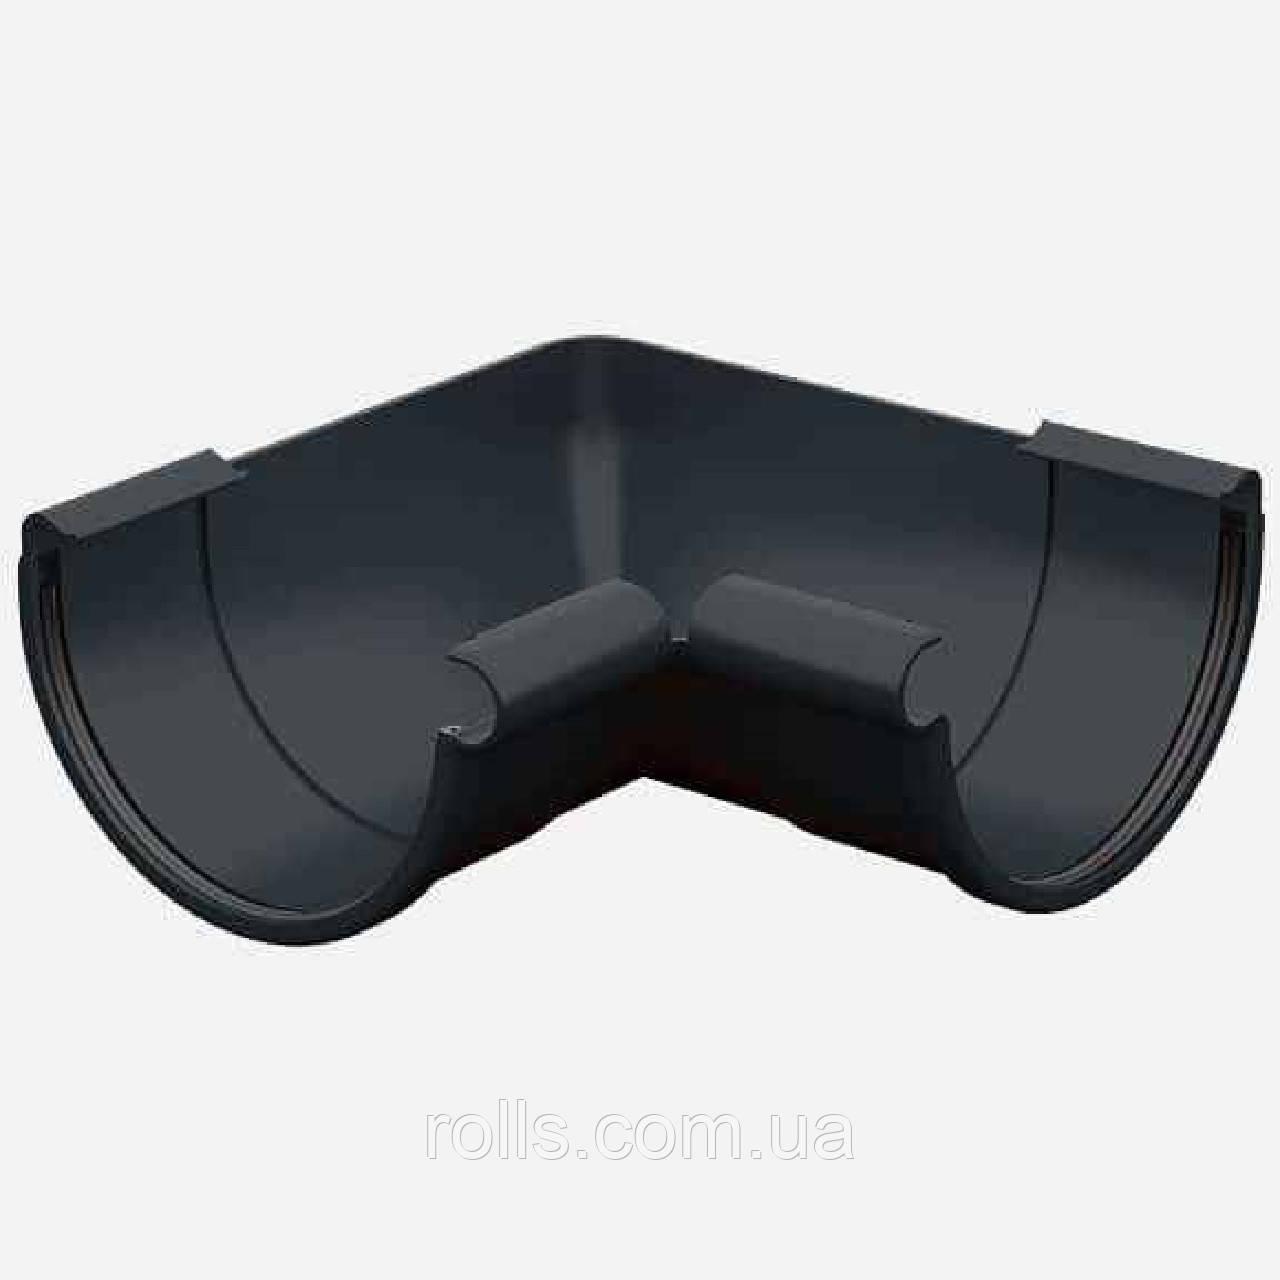 Угол внутренний 90° Galeco PVC 90/50 кут внутрішній 90° ринви водостічної RE090-_-LW090-A